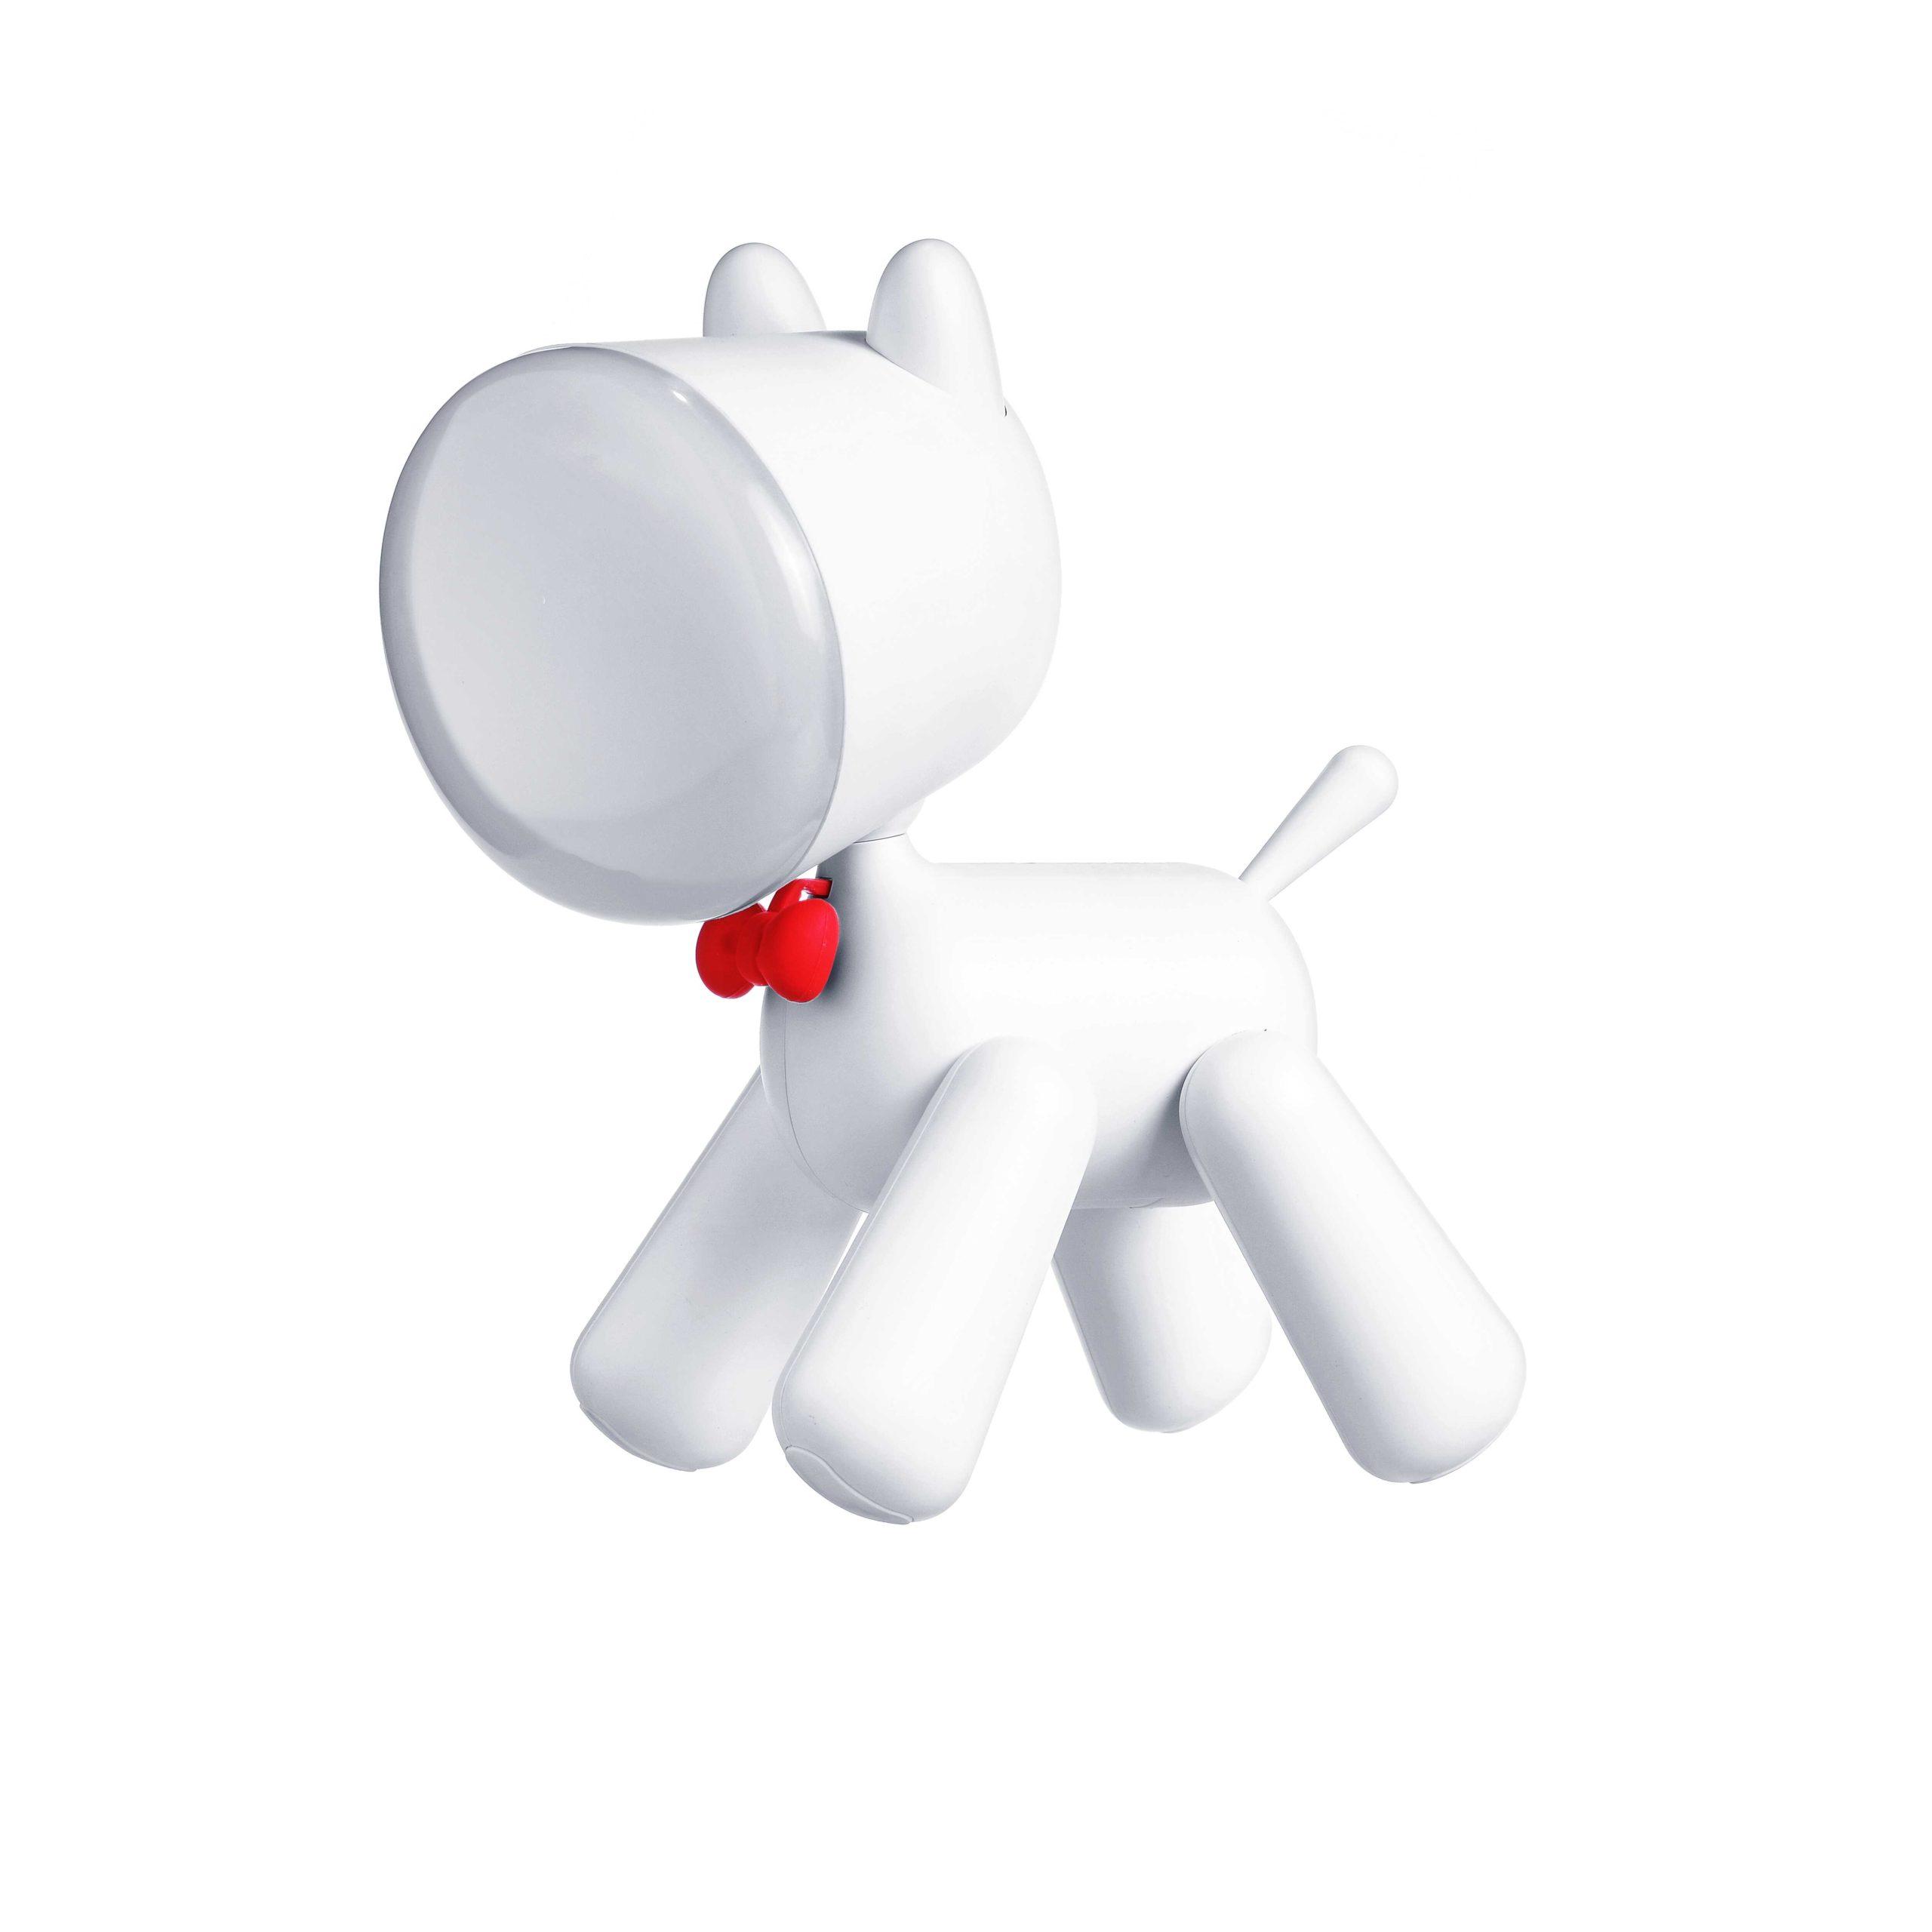 KIDYLAMP, une lampe sur batterie. Cette lampe de chevet ou de bureau, en forme de chien, séduira petits et grands par son design et ses fonctionnalités. Fonctionnant sur batterie, la KIDYLAMP accompagnera vos enfants sous leurs tipis, dans leurs cabanes confectionnées de draps et de coussins, dans leur coin lecture, ...